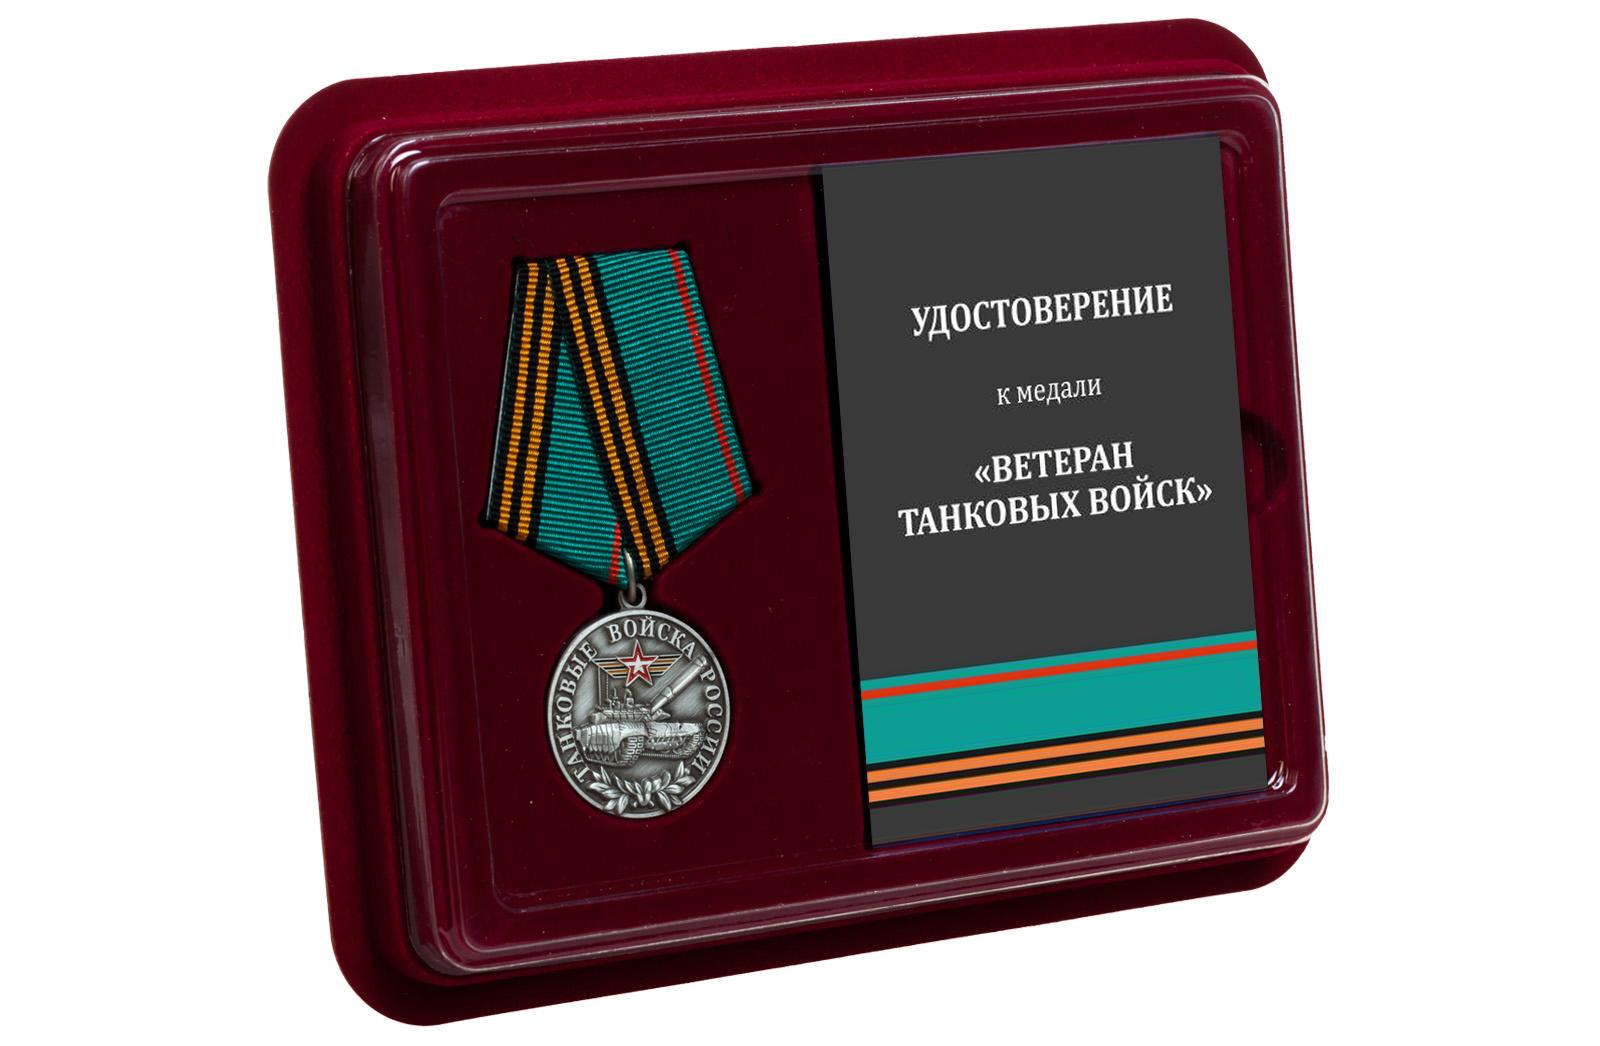 Купить медаль Ветеран Танковых войск России оптом или в розницу